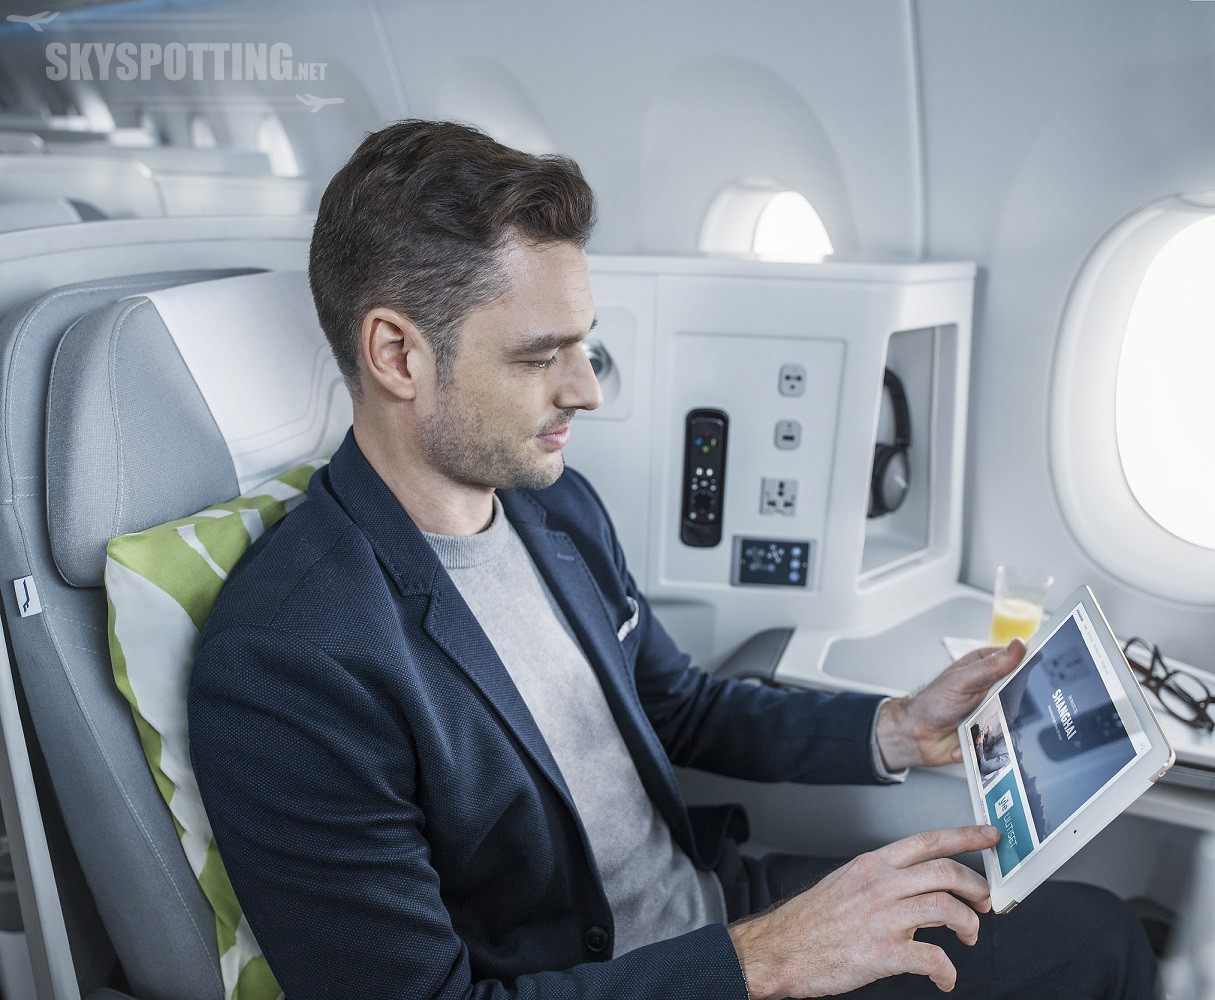 Finnair A350 business class cabin, wifi portal 1